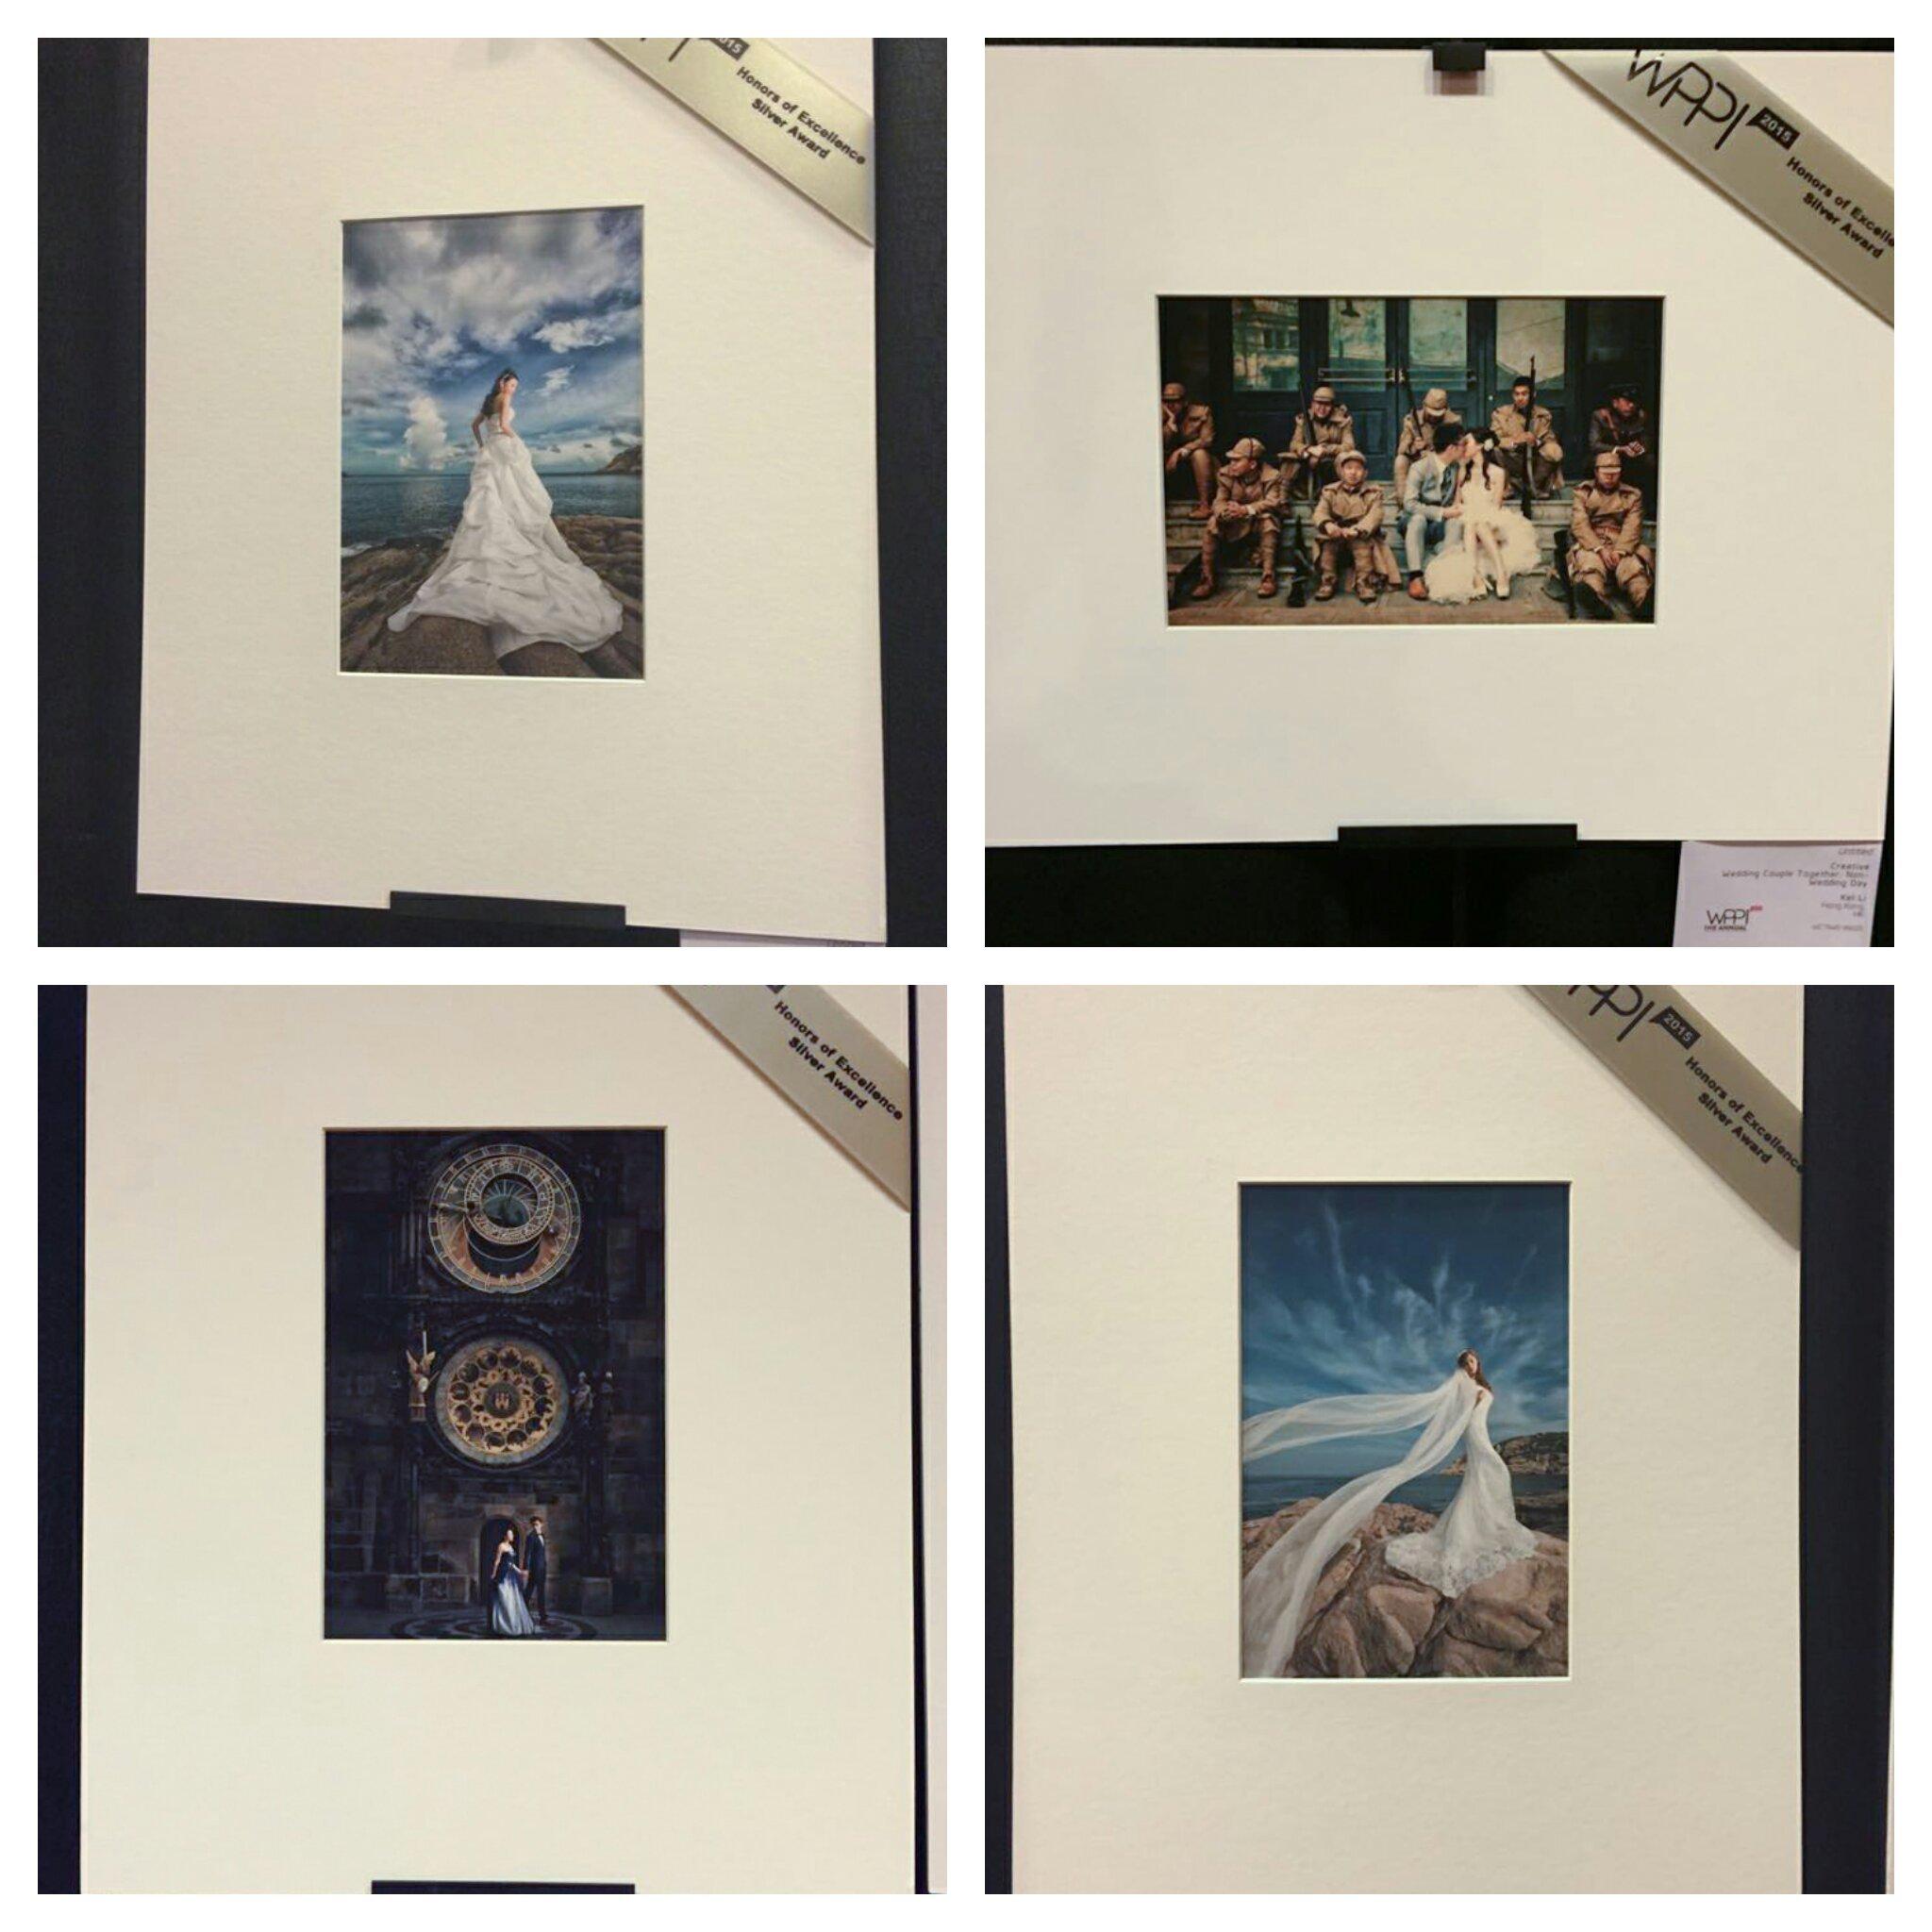 WPPI Competition, WPPI Honors of Excellence - Silver Award, Wedding Award, 婚攝獎項, 得獎攝影師, 國際攝影師